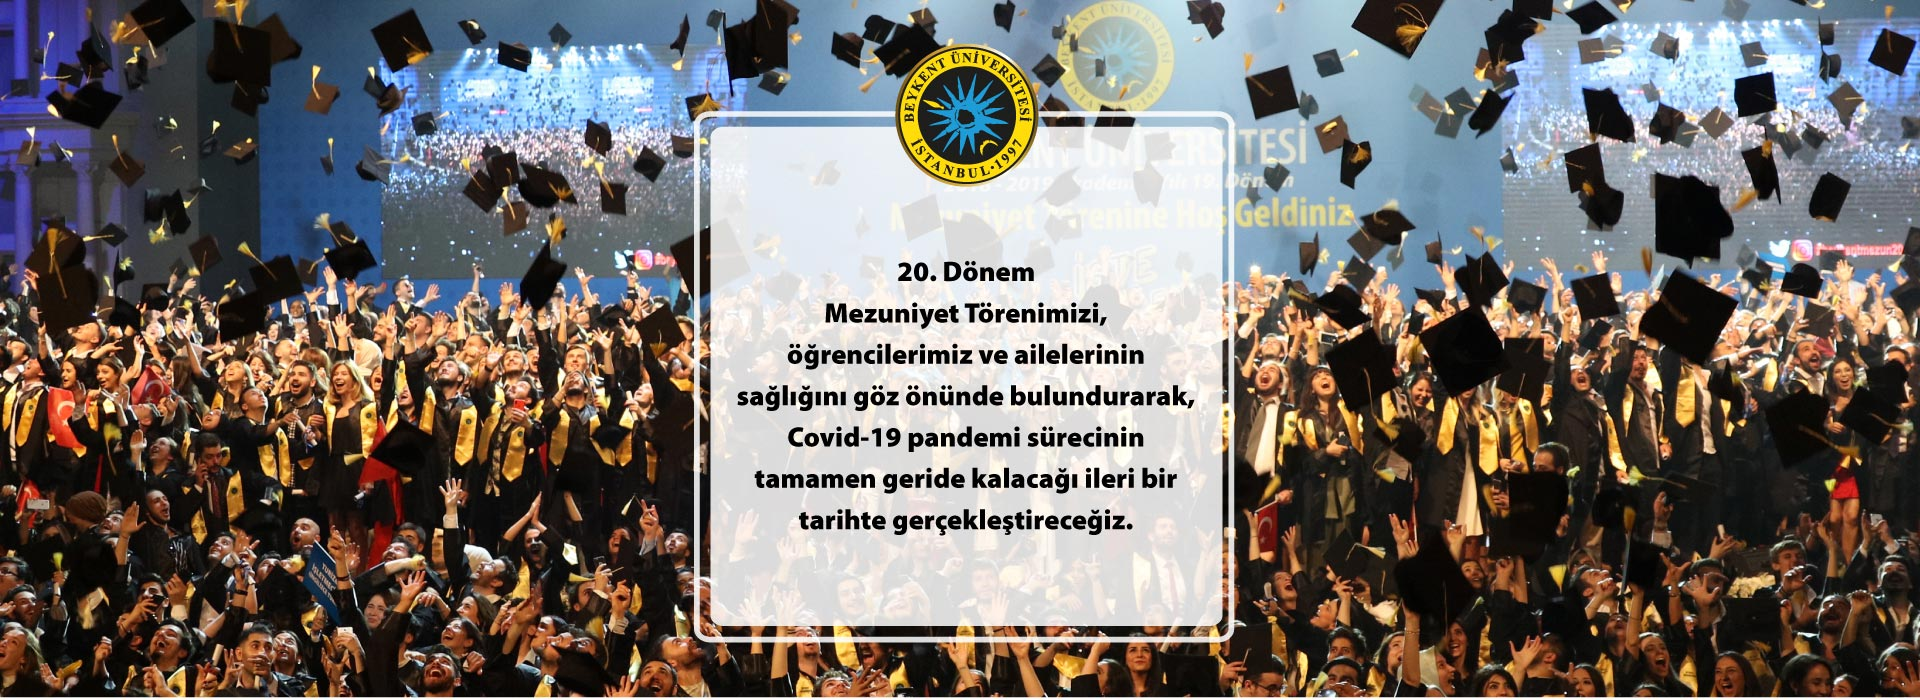 mezuniyet-toreni-1920-700